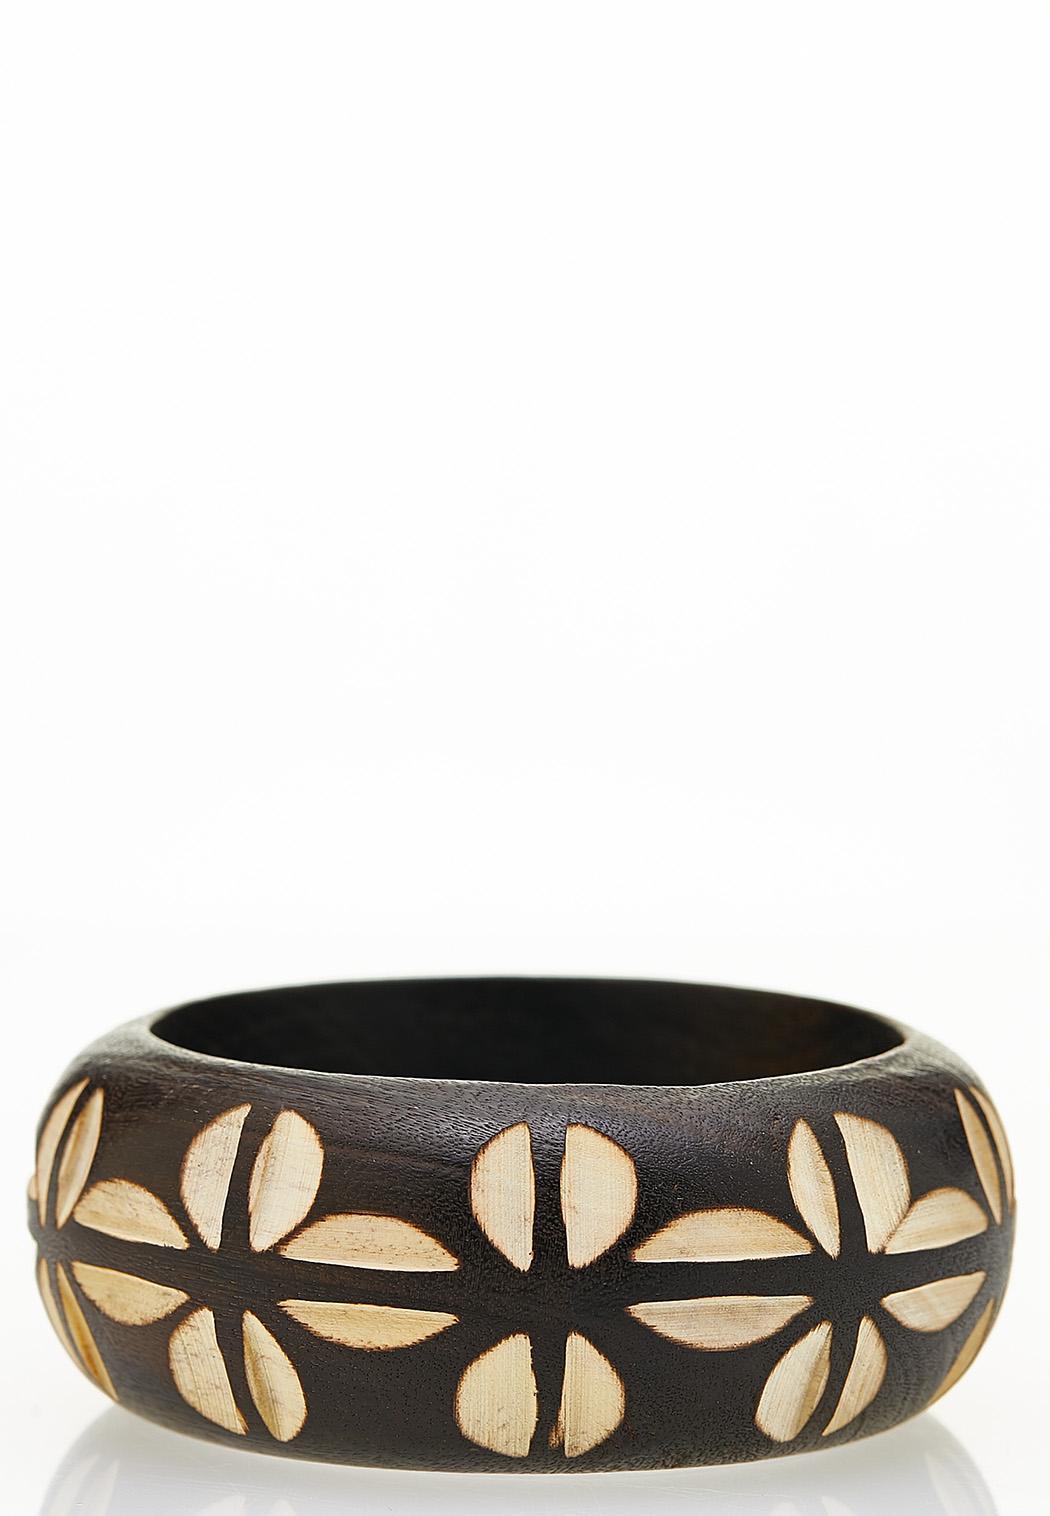 Two-Toned Wood Bangle Bracelet